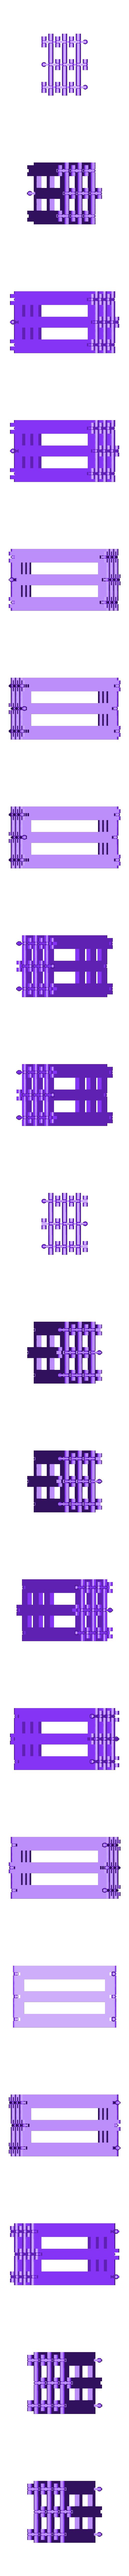 FlipF2Add3.stl Télécharger fichier STL gratuit Jouet Flip Flop (Print & Play) • Objet pour imprimante 3D, franciscoczapski